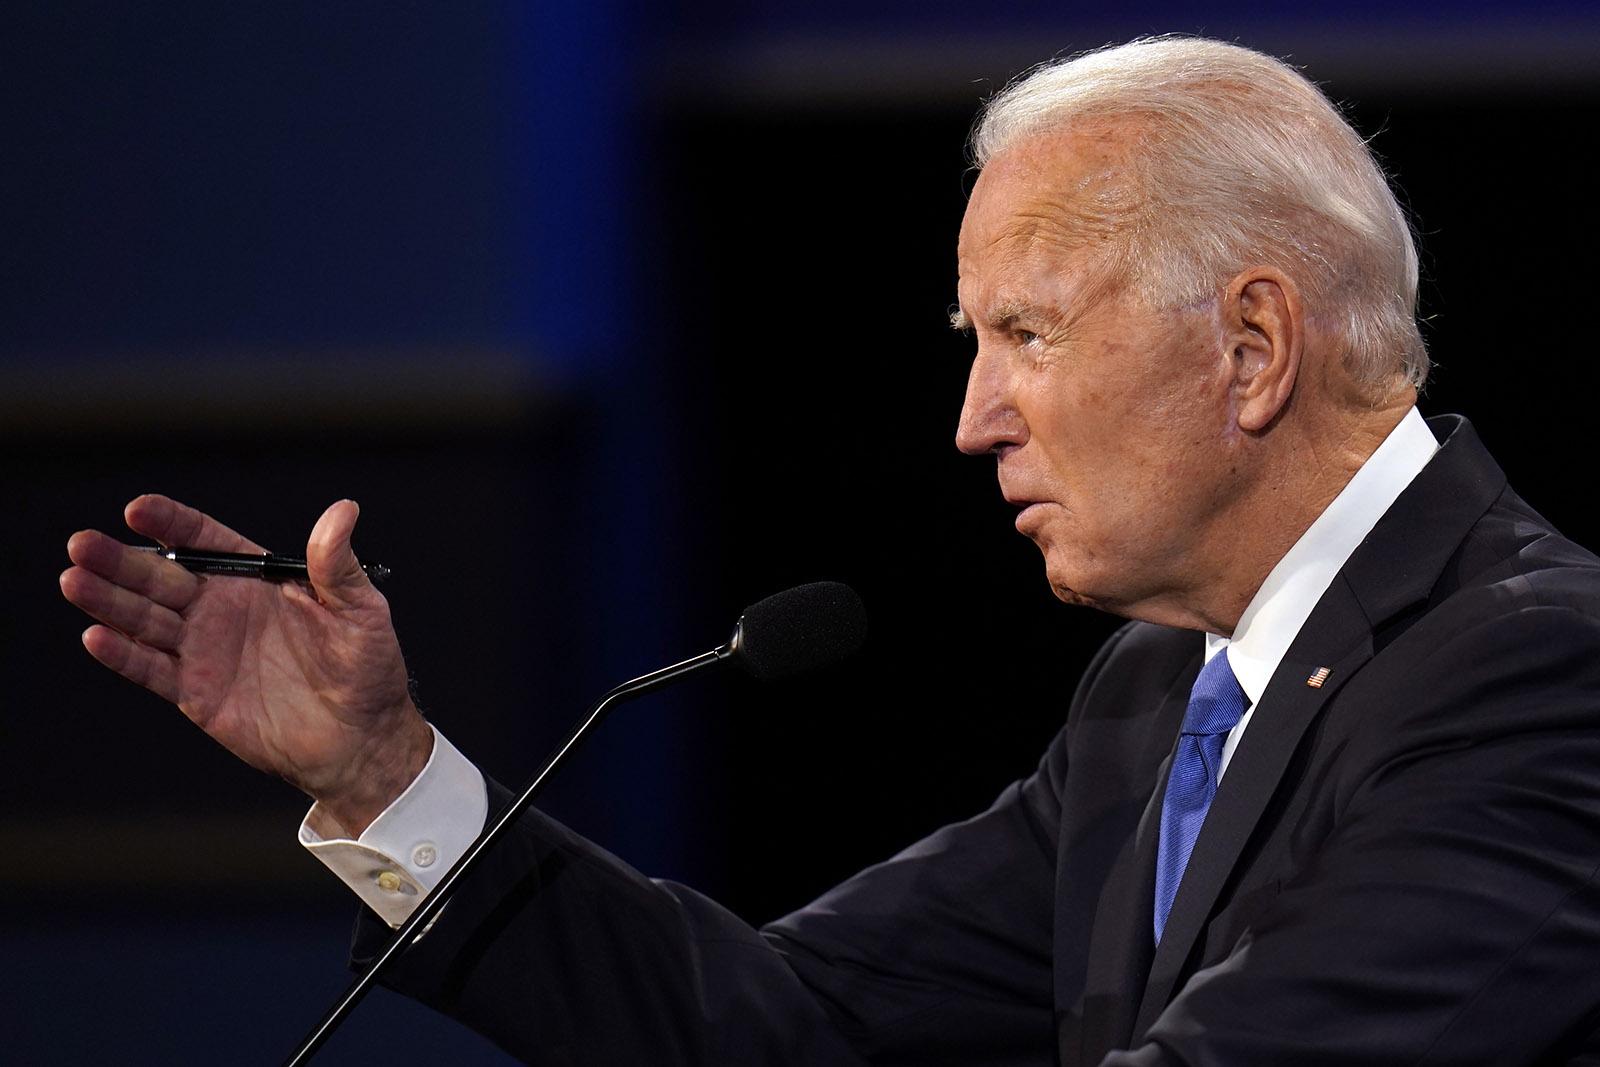 Ông Biden cứng rắn tuyên bố việc làm ăn của con trai: Không có gì phi pháp hết! - Ảnh 1